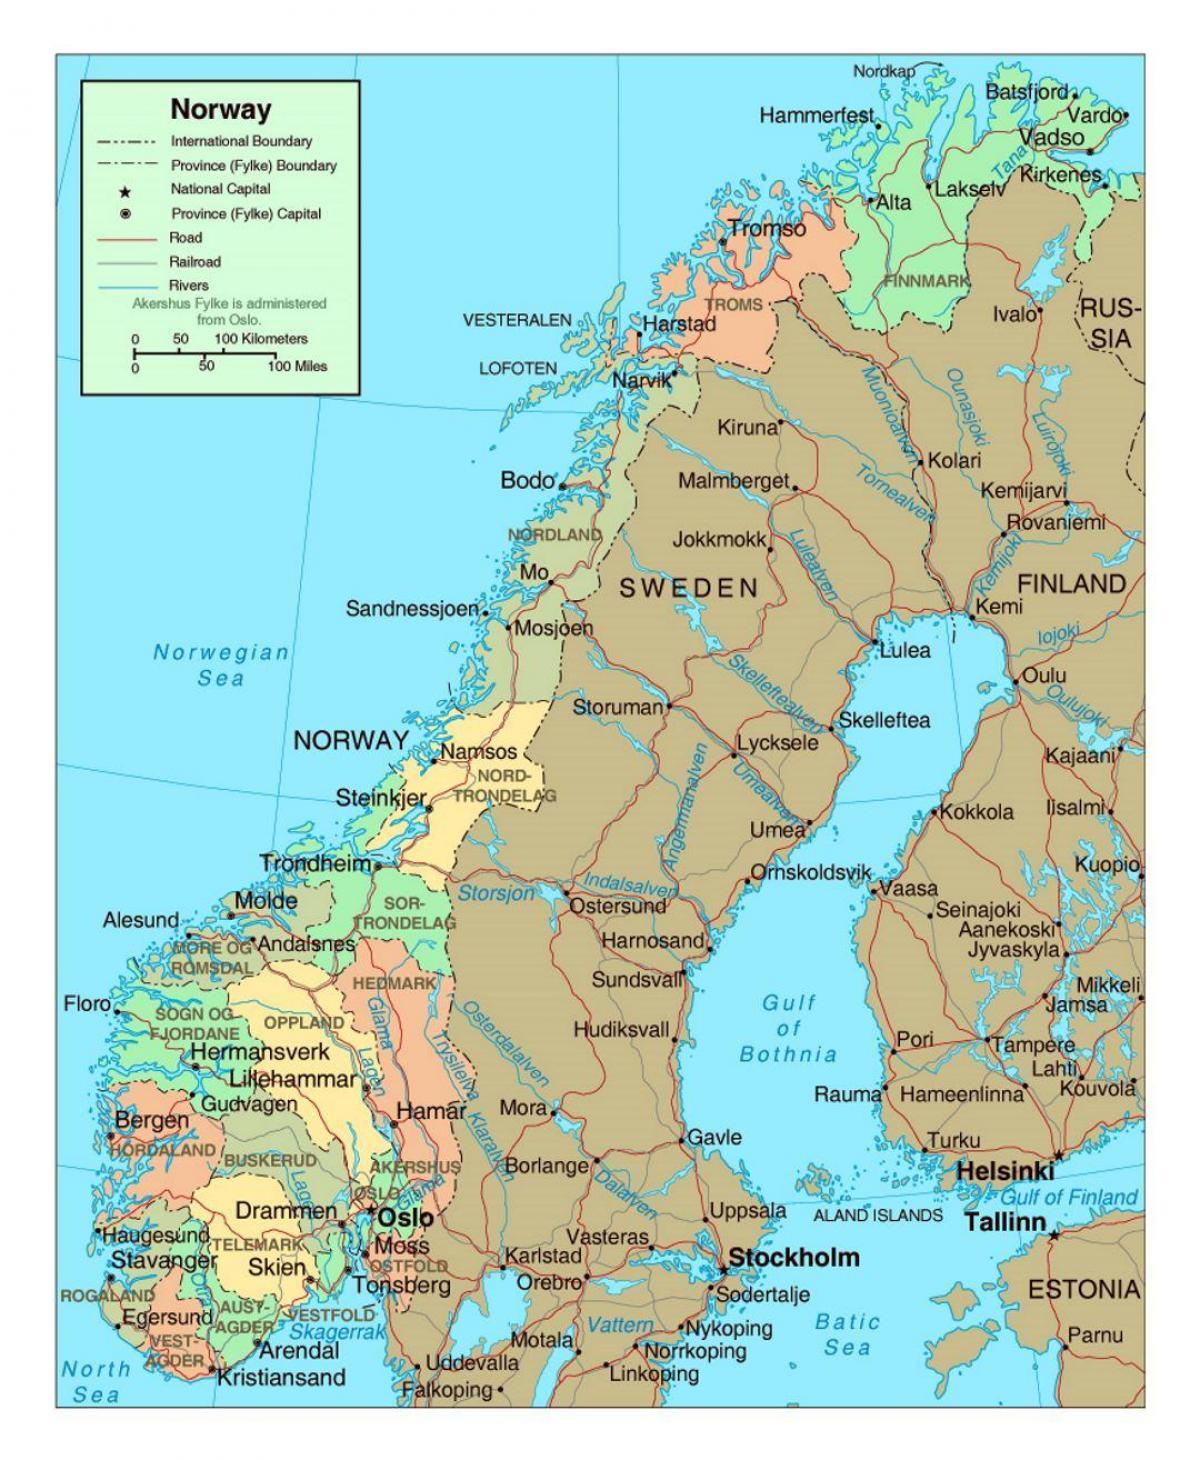 Cartina Della Norvegia.Norvegia Citta Sulla Mappa Mappa Della Norvegia Paesi Europa